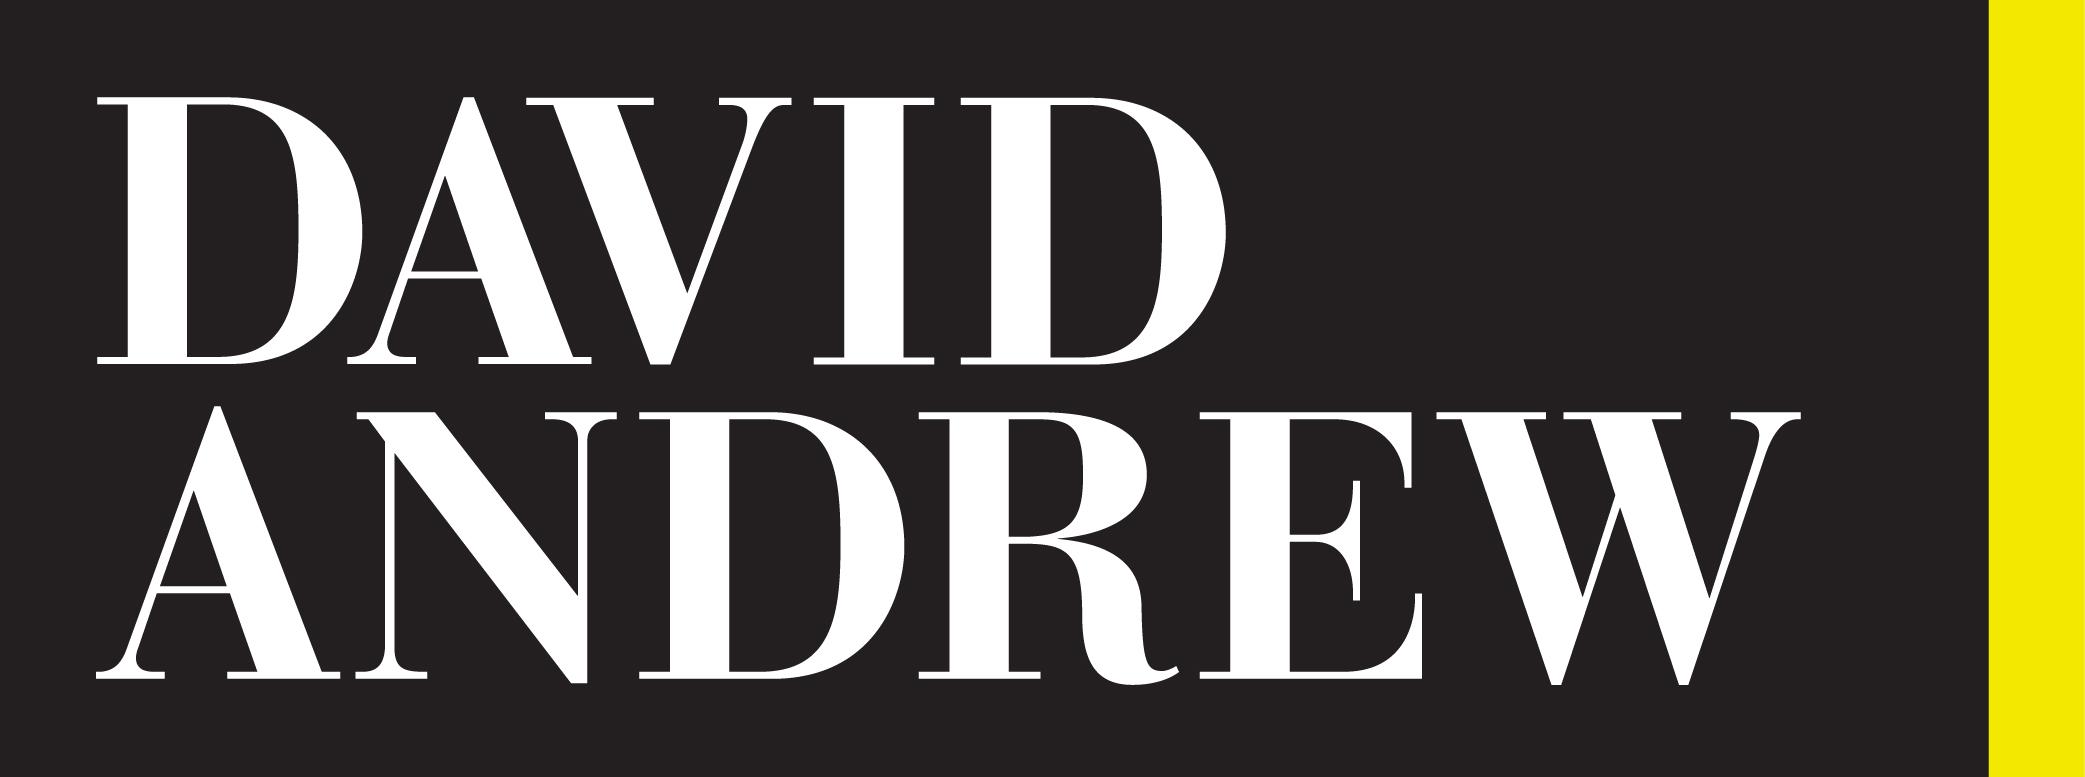 David Andrew